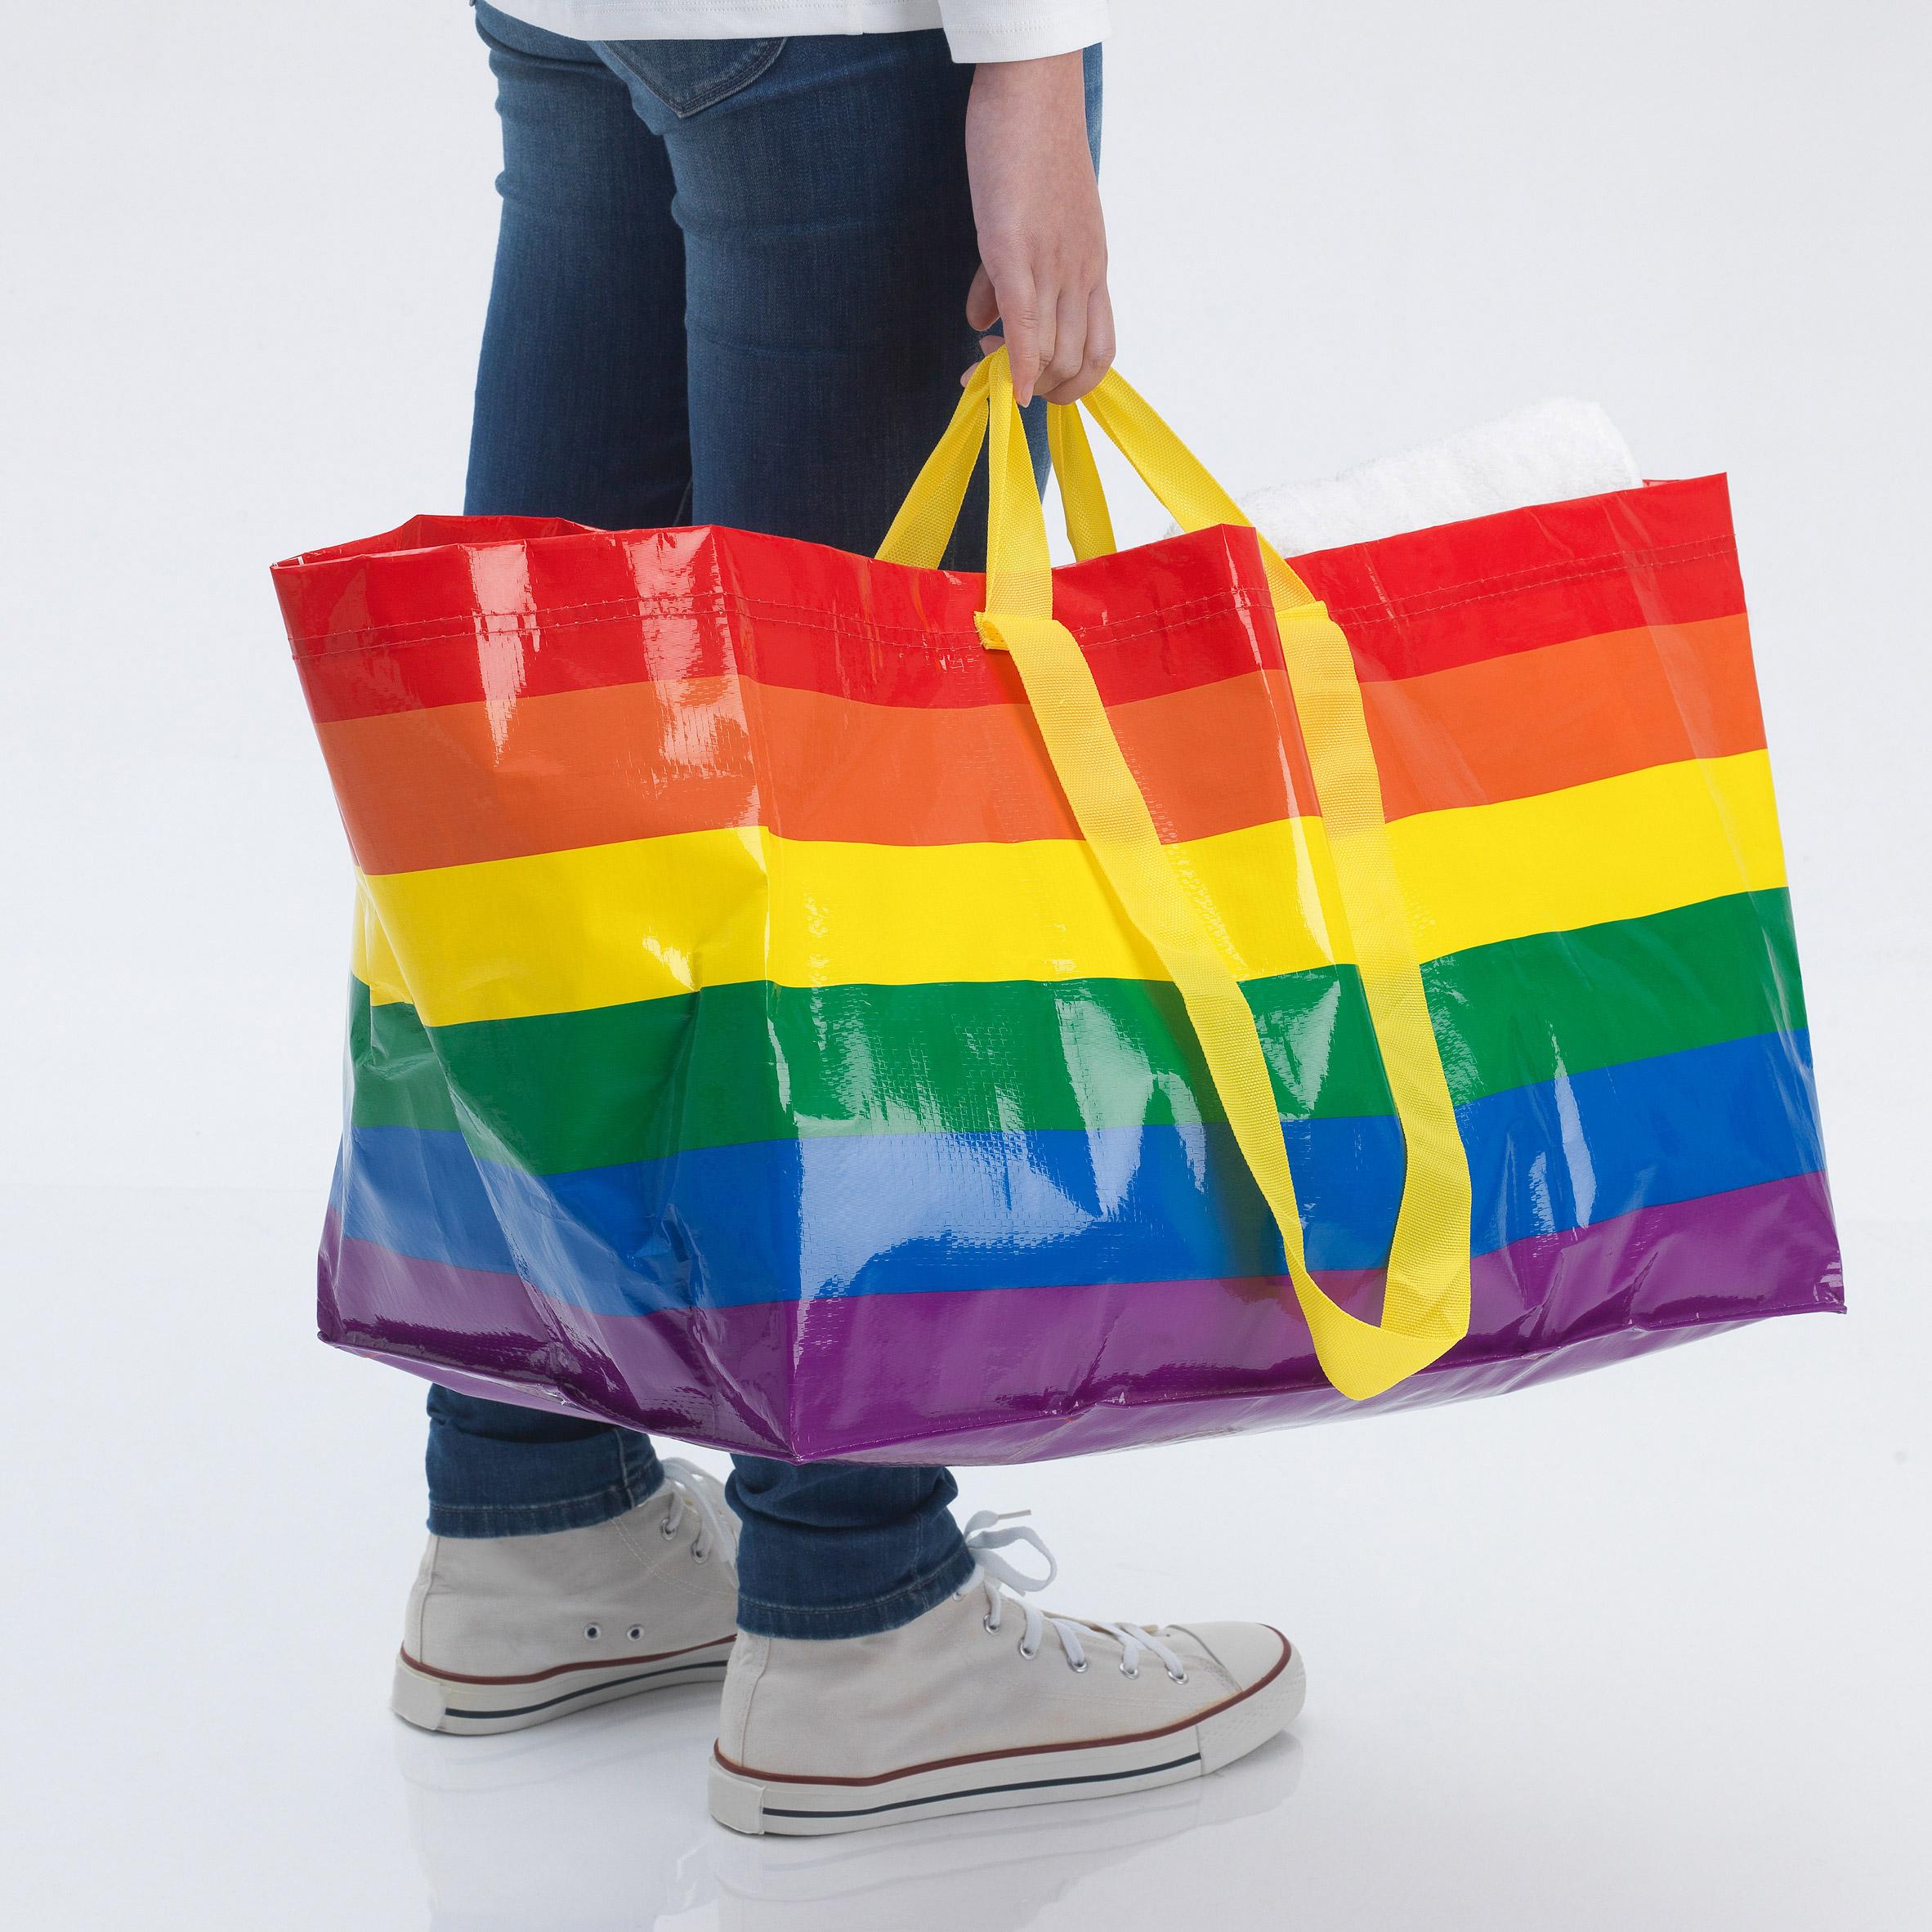 pride_pack_ikea.jpg